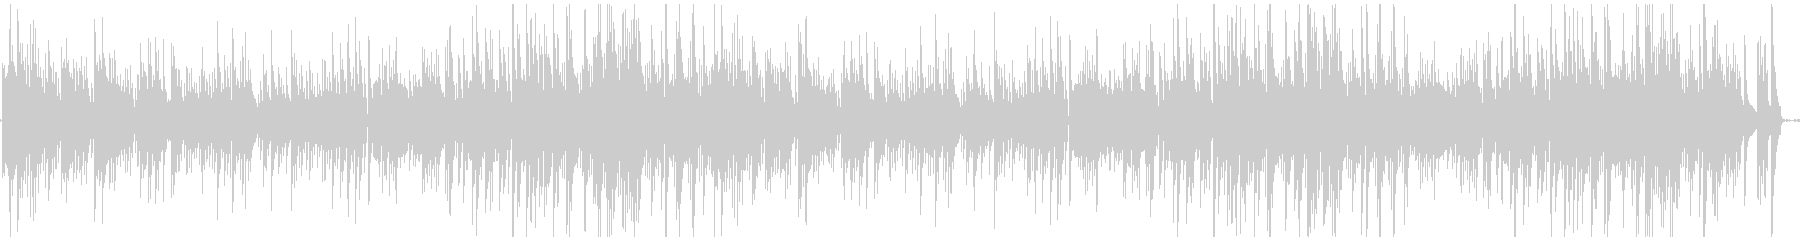 ナポリタンの伝統的な歌のスタイル。の未再生の波形